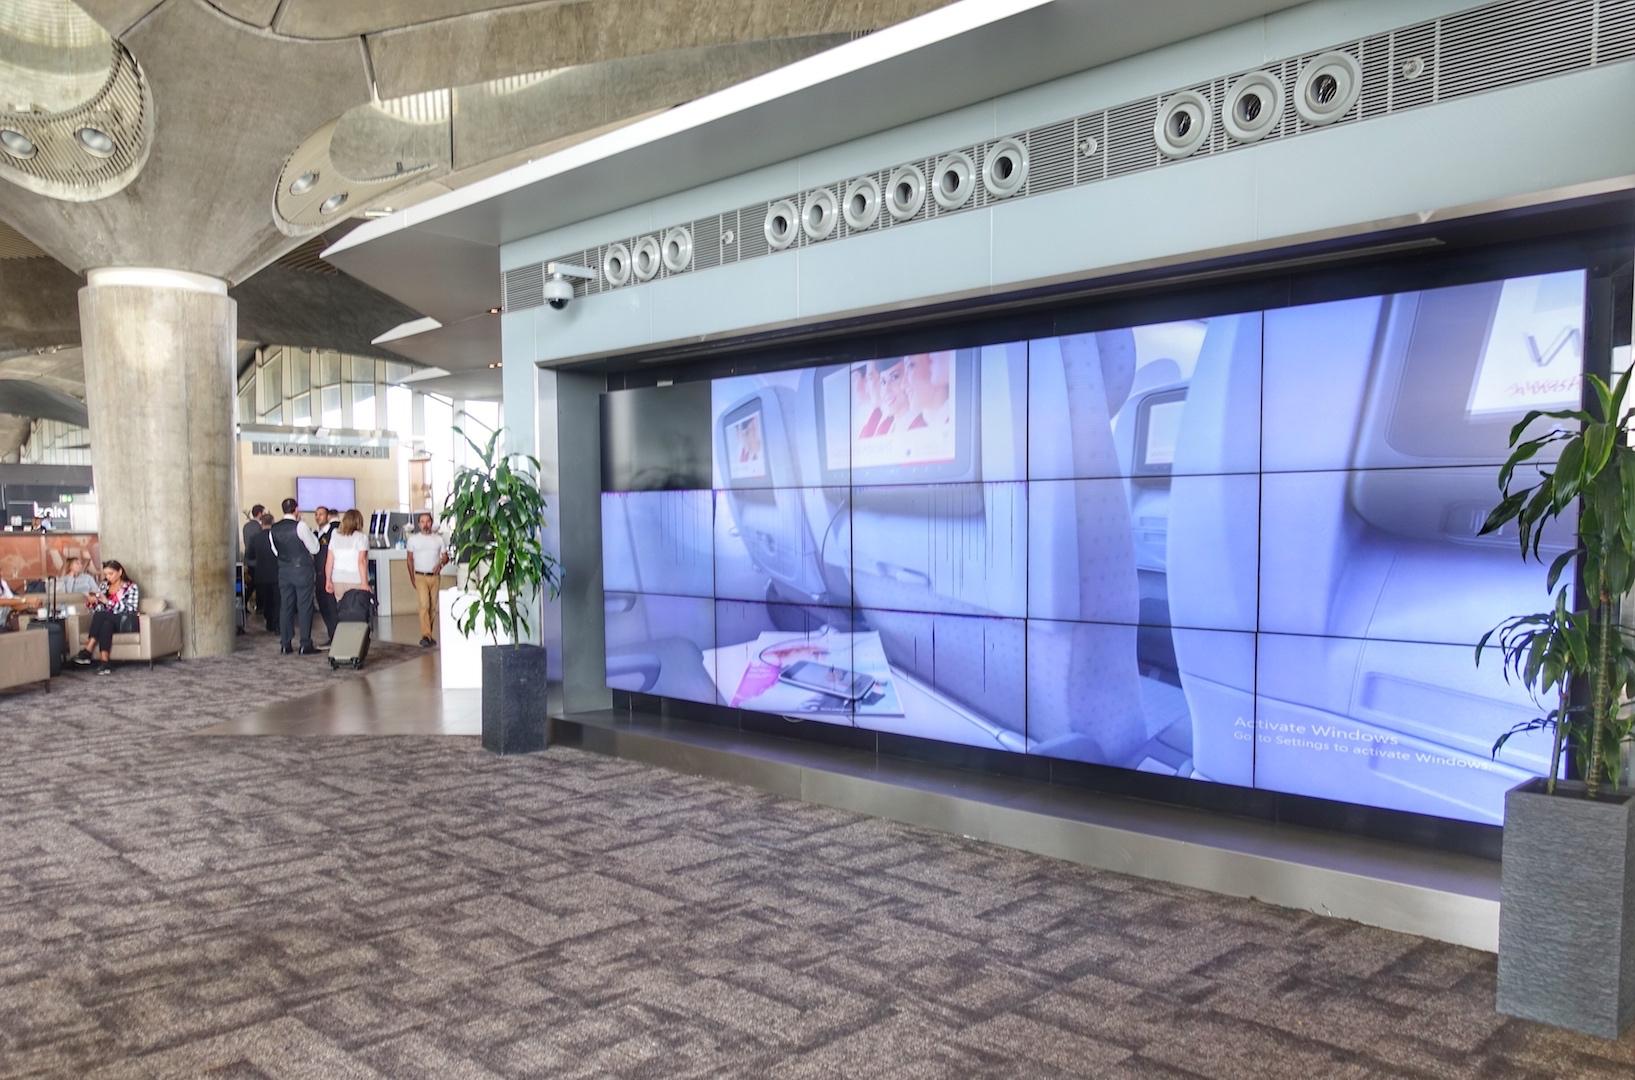 Vorbei an der großen LED-Leinwand wird im hinteren Bereich der Crown Class Lounge eine große Auswahl an Speisen und Getränken geboten